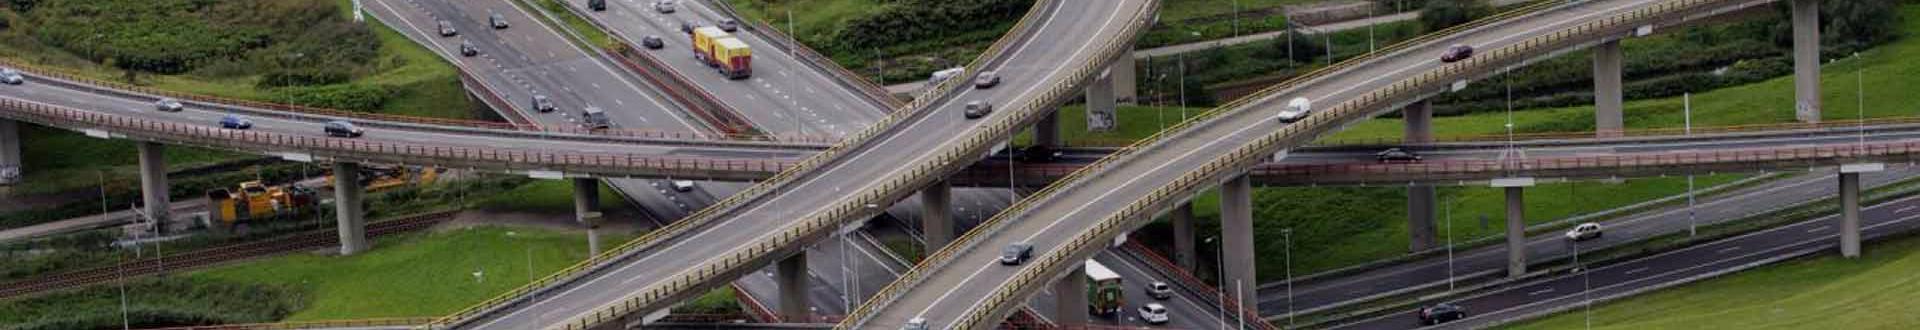 Infrastructuur en Milieu dialogisch onderzoeken, Yolk